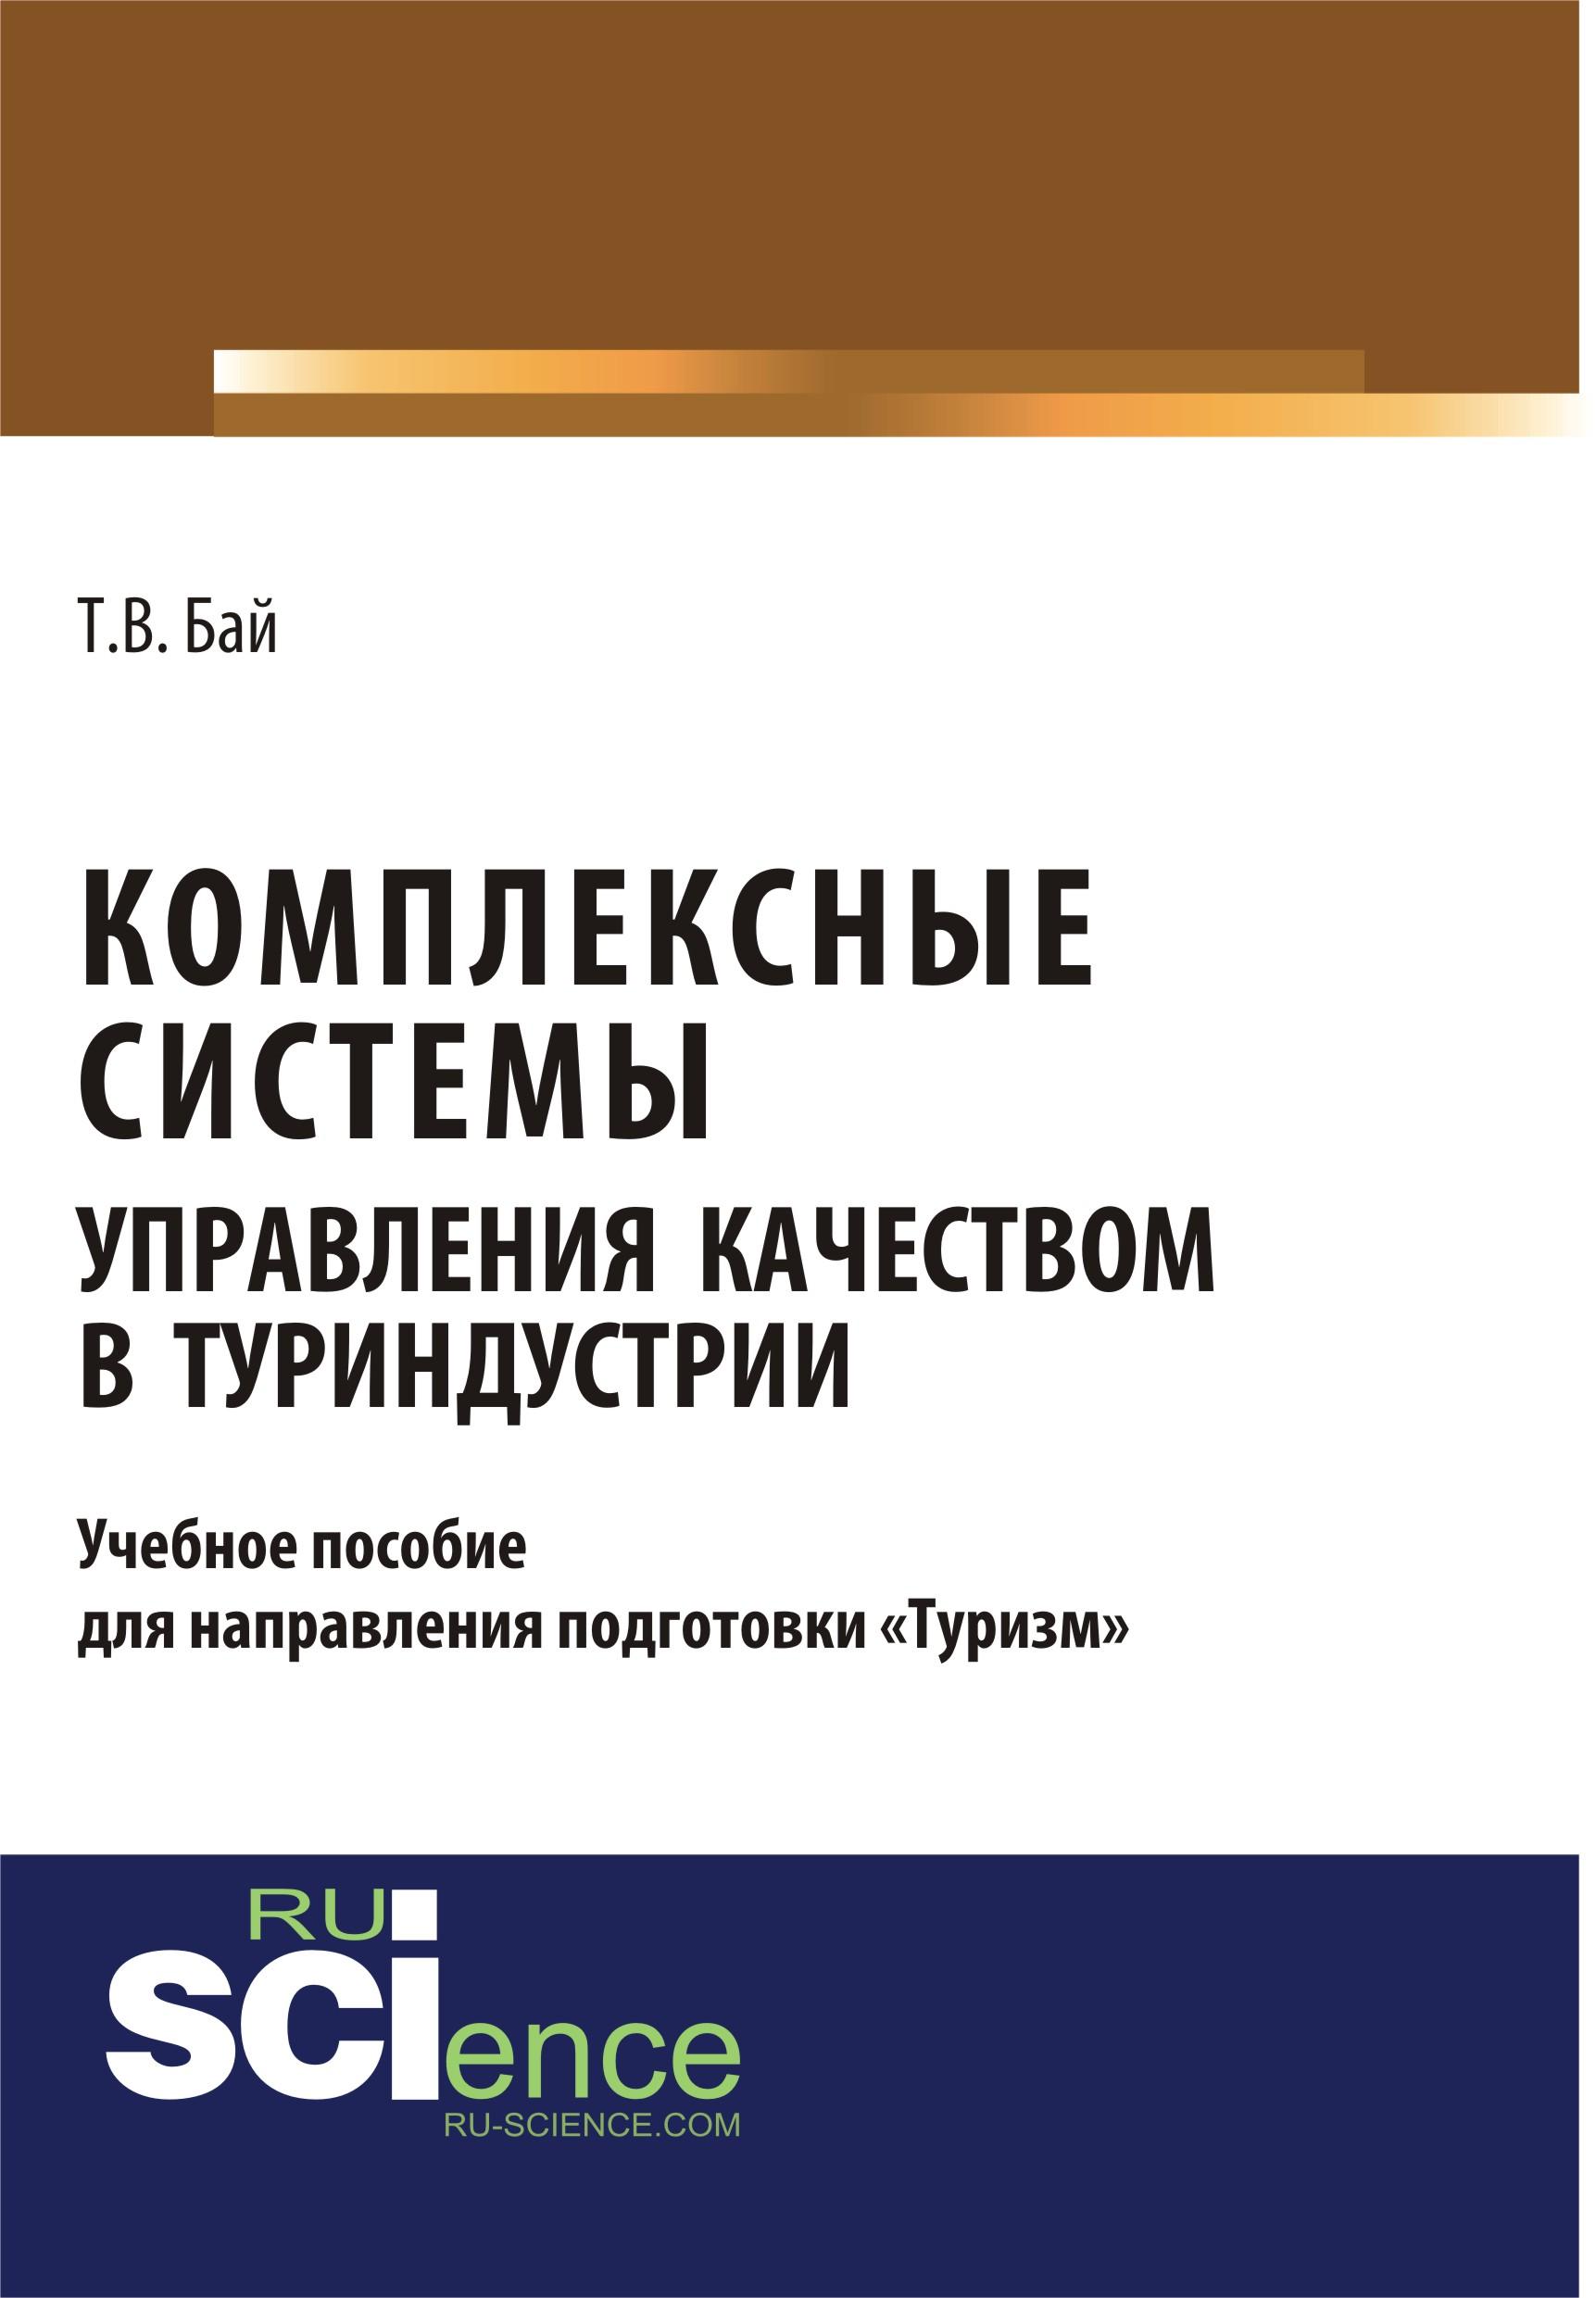 Комплексные системы управления качеством в туриндустрии. Учебное пособие